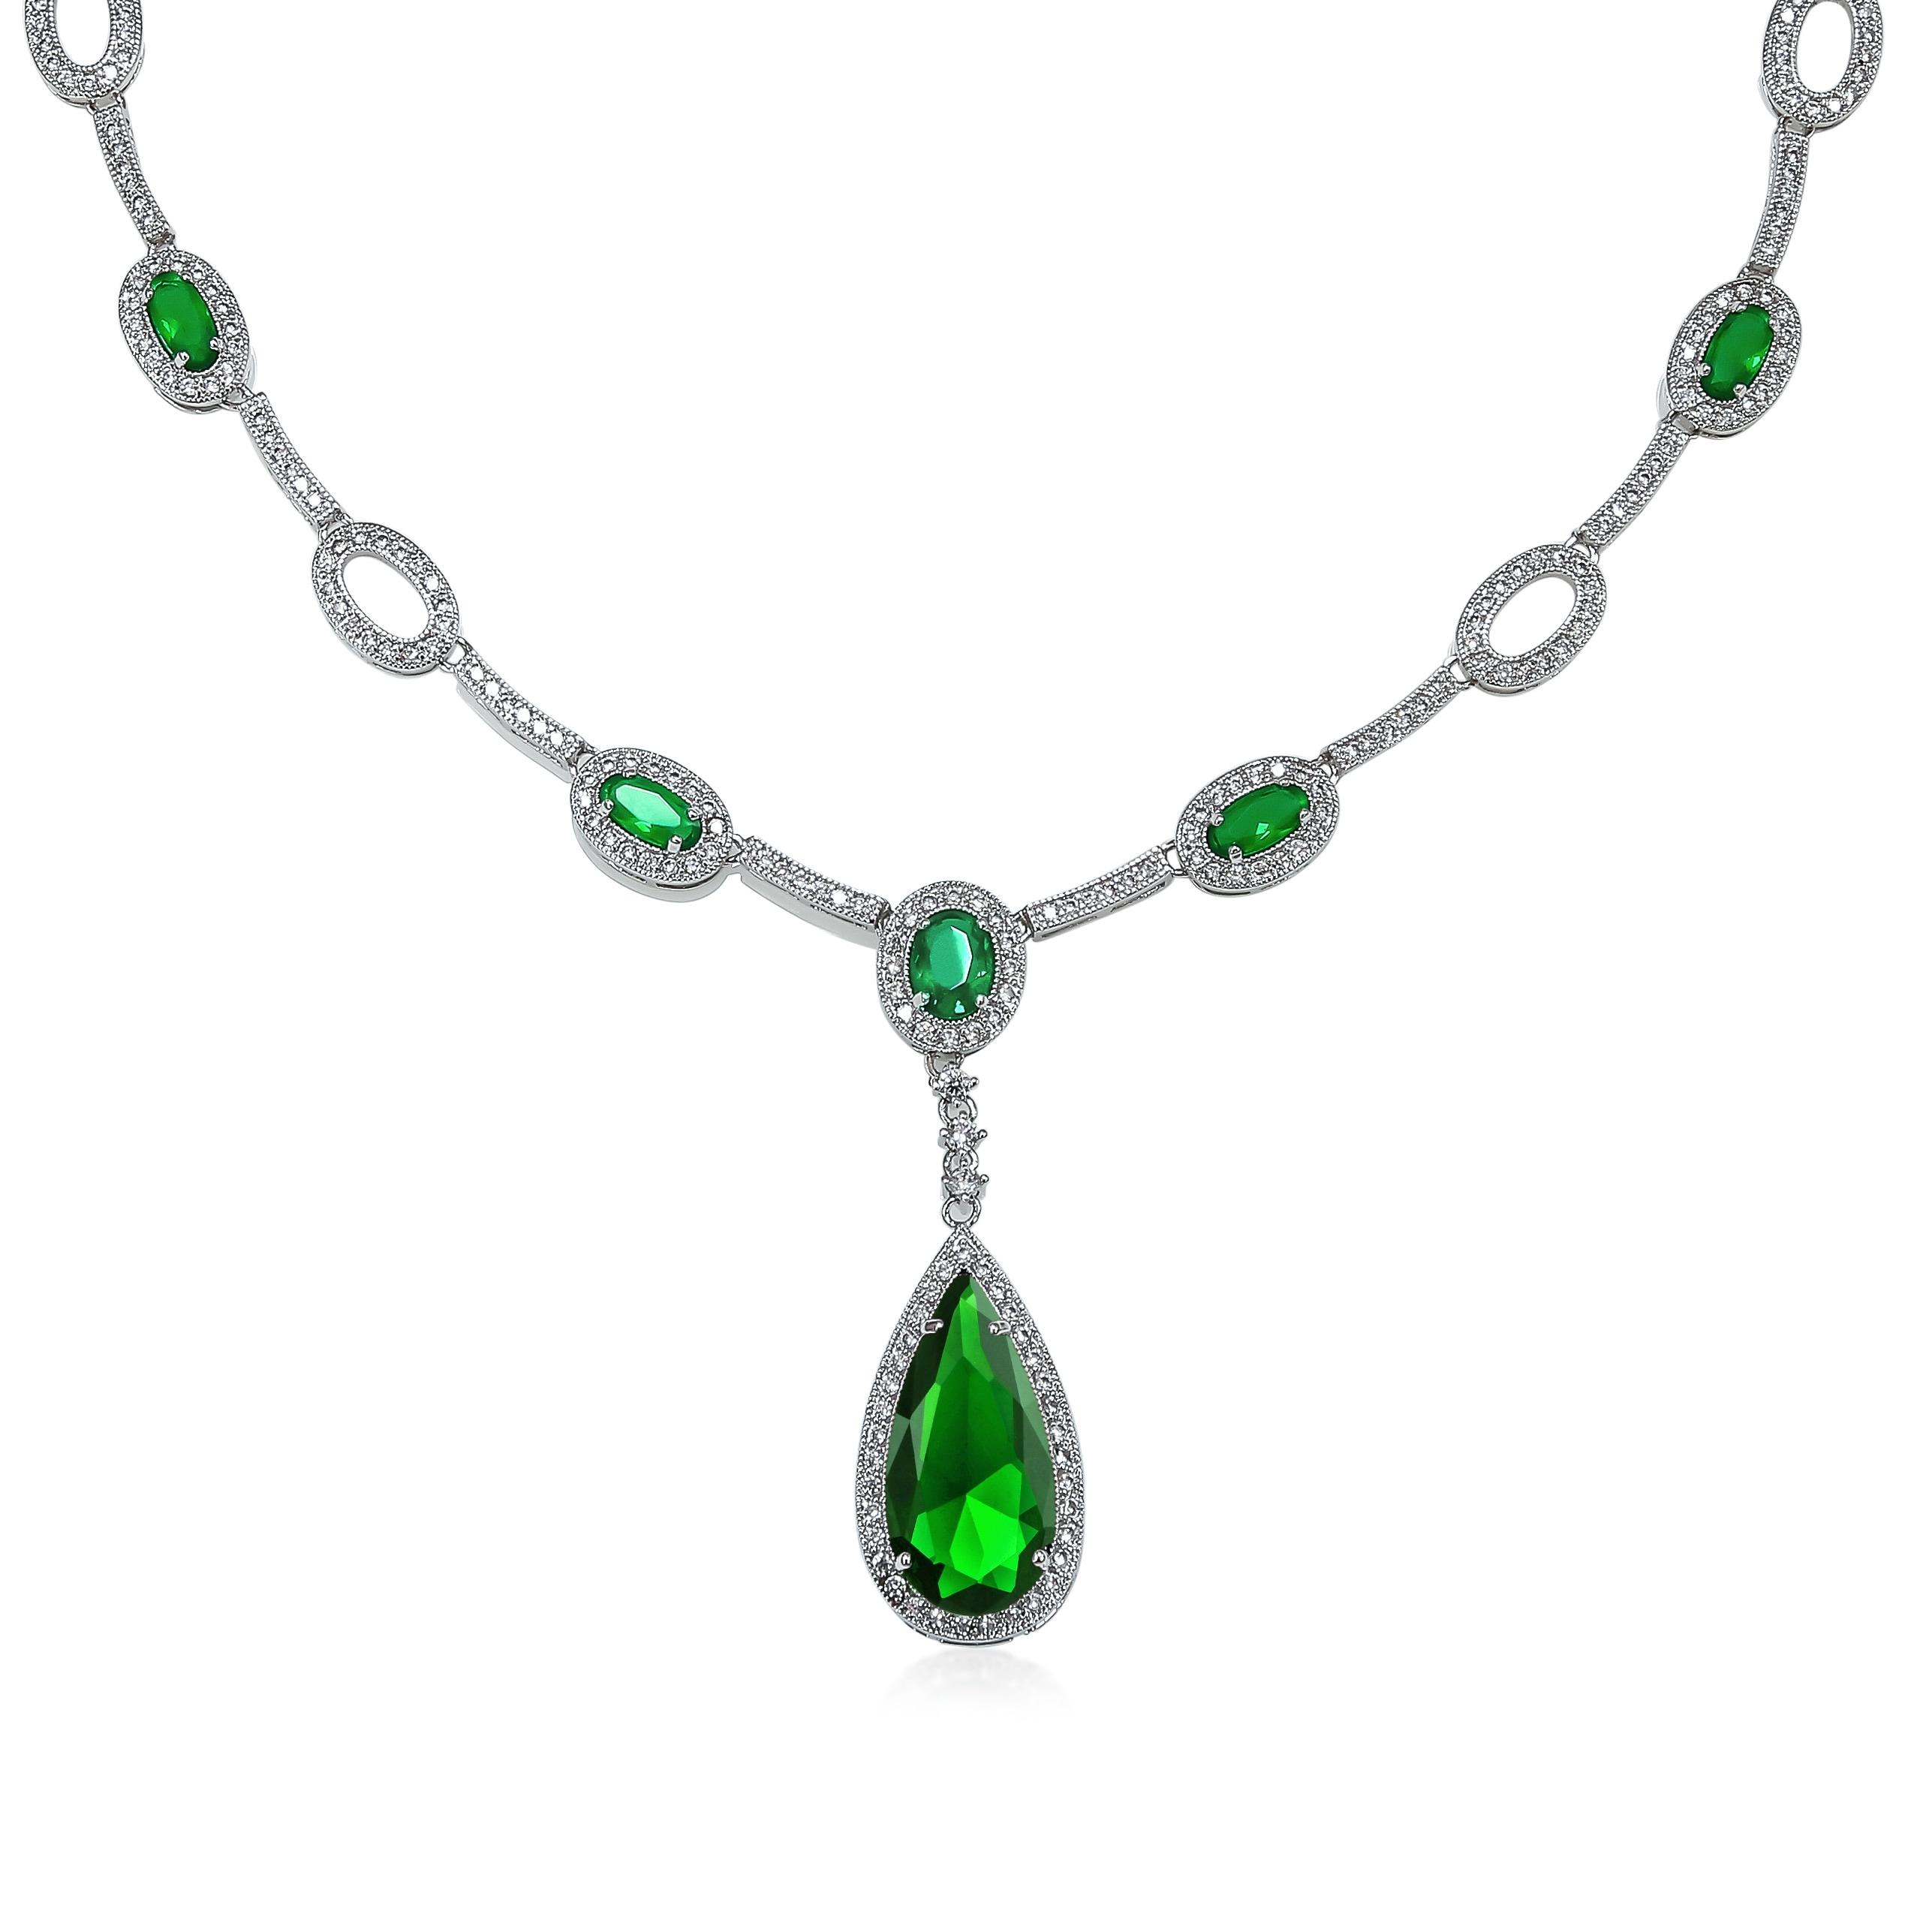 Teardrop Y Necklace Imitation Emerald